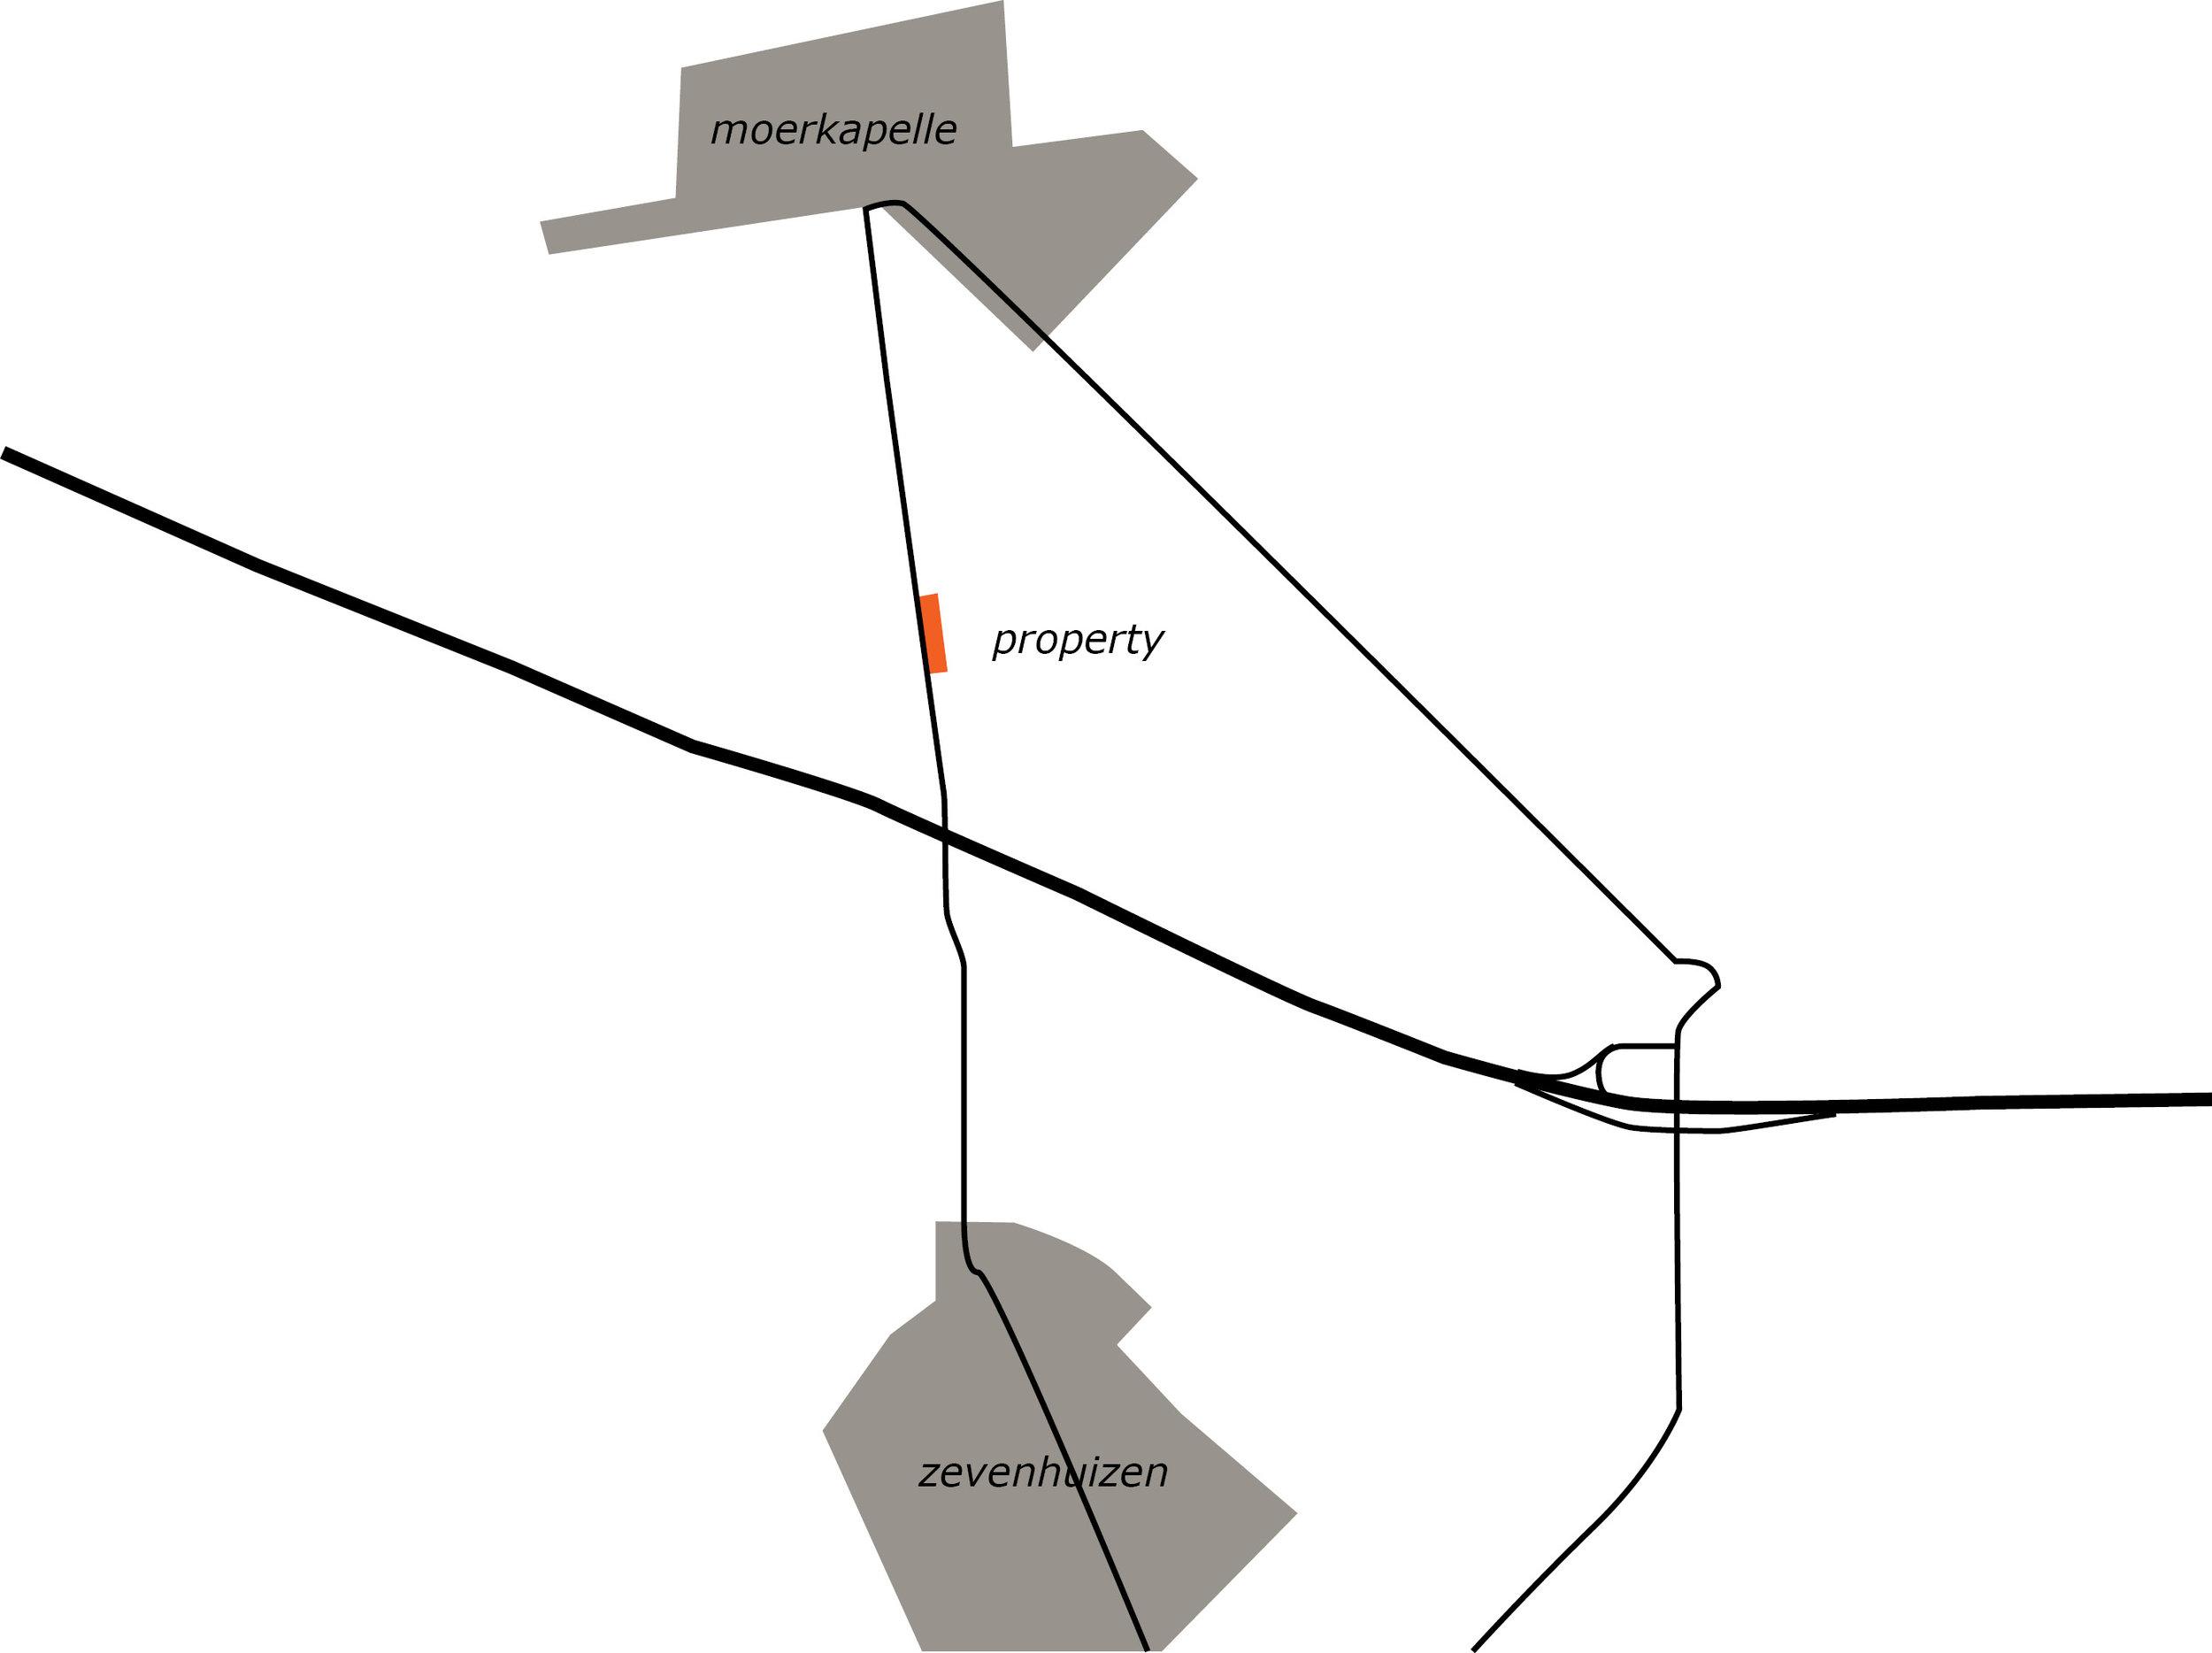 situation of the house in between Moerkapelle and Zevenhuizen